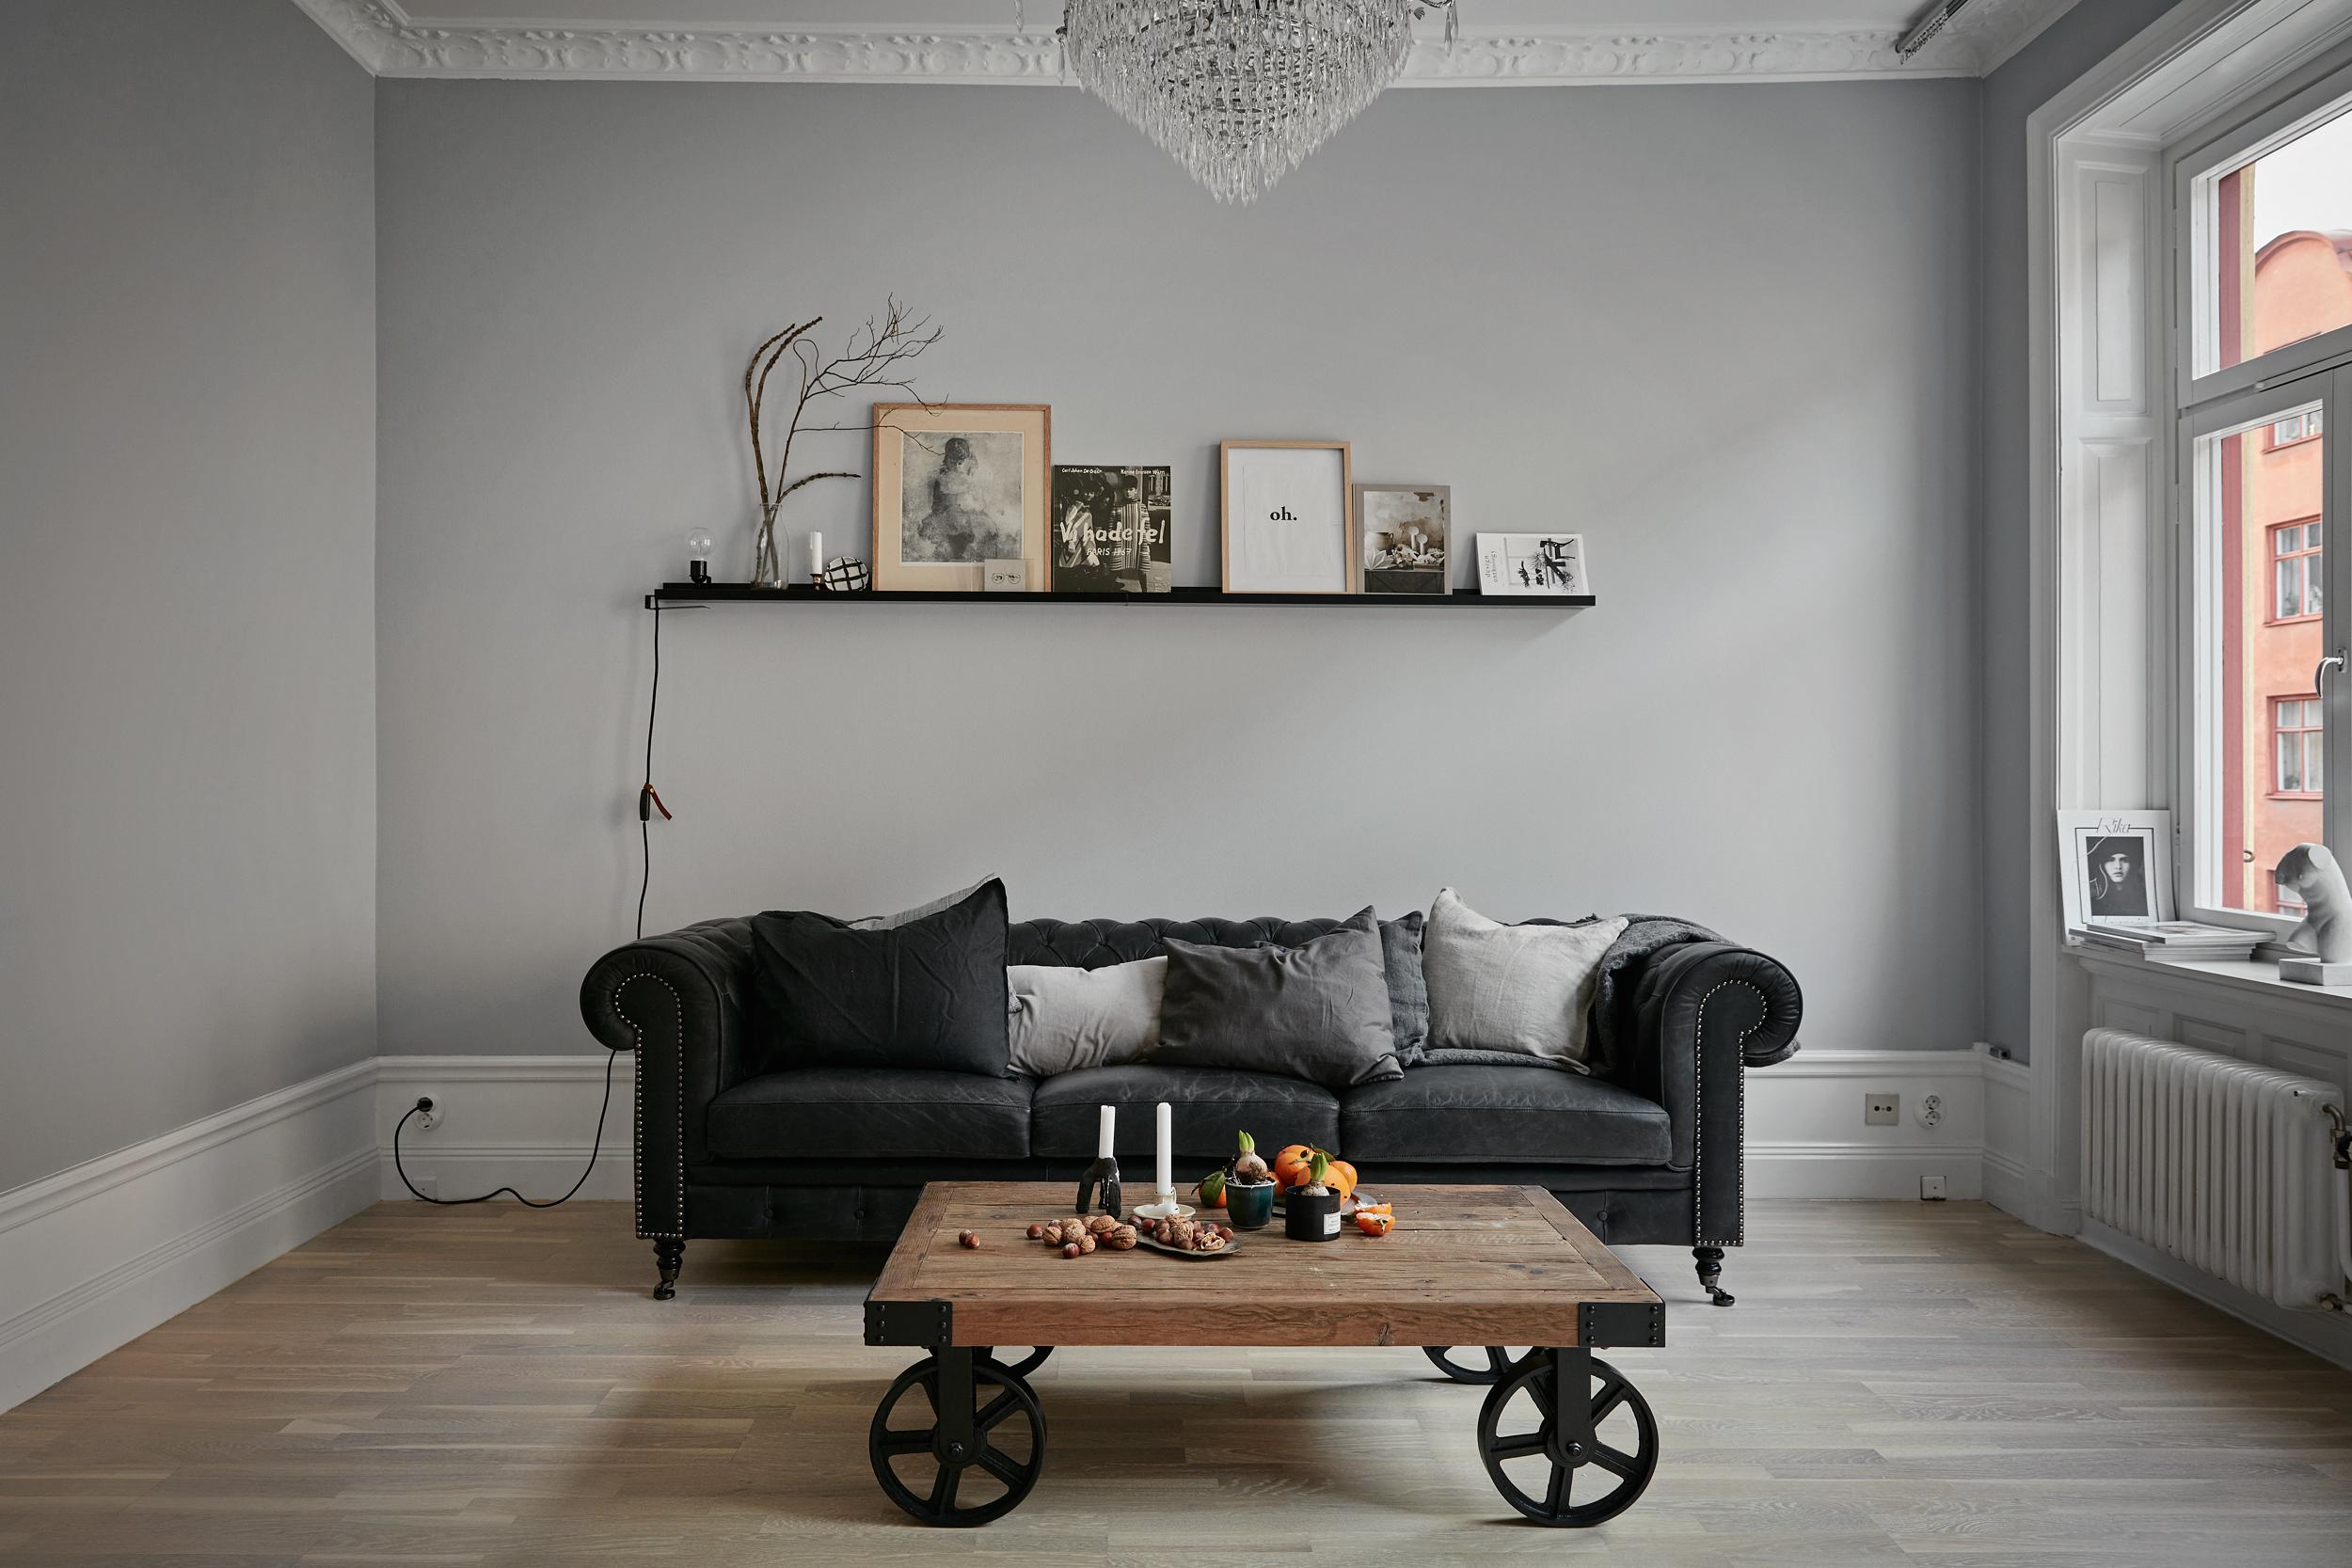 birkagatan-vardagsrum-stukatur-fönsterspegel-gråskala-fantastic-frank